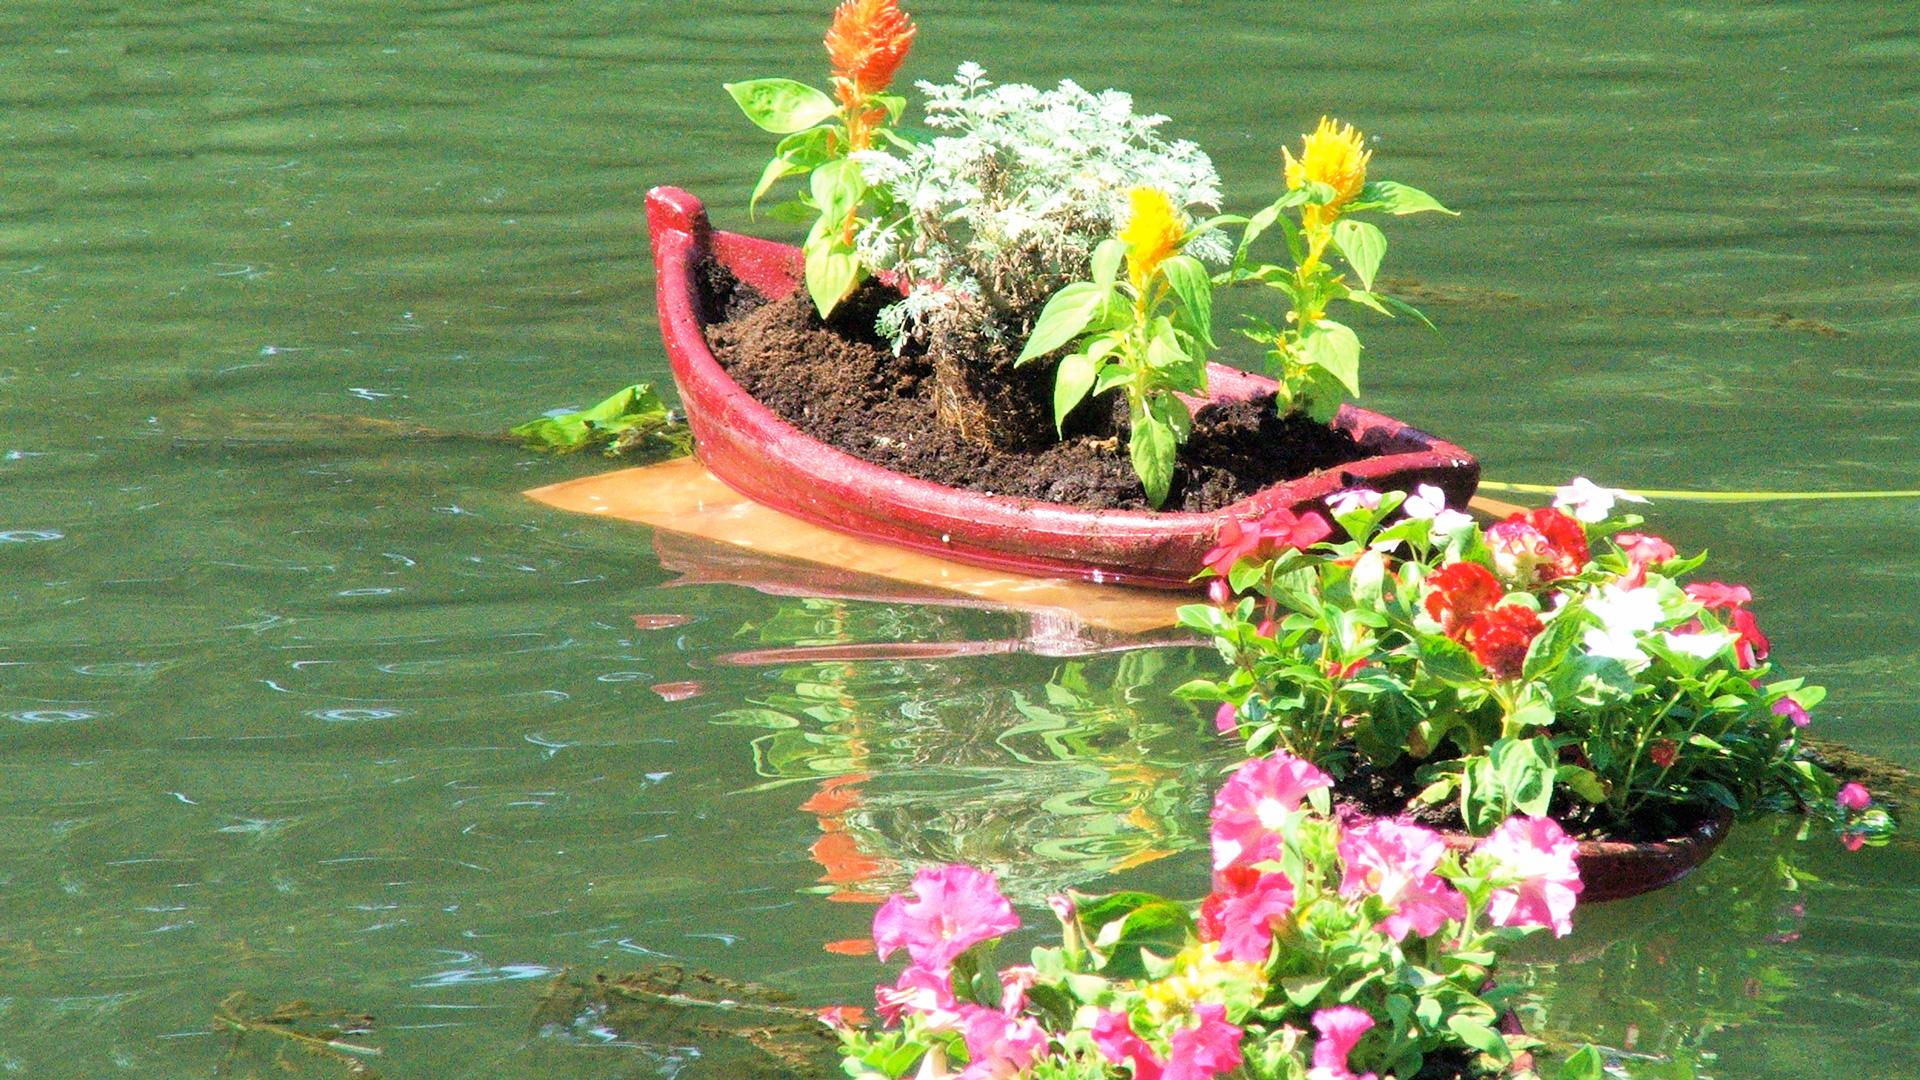 Les Jardins Du Moulin Paysagiste le moulin jaune | le jardin de l'eau